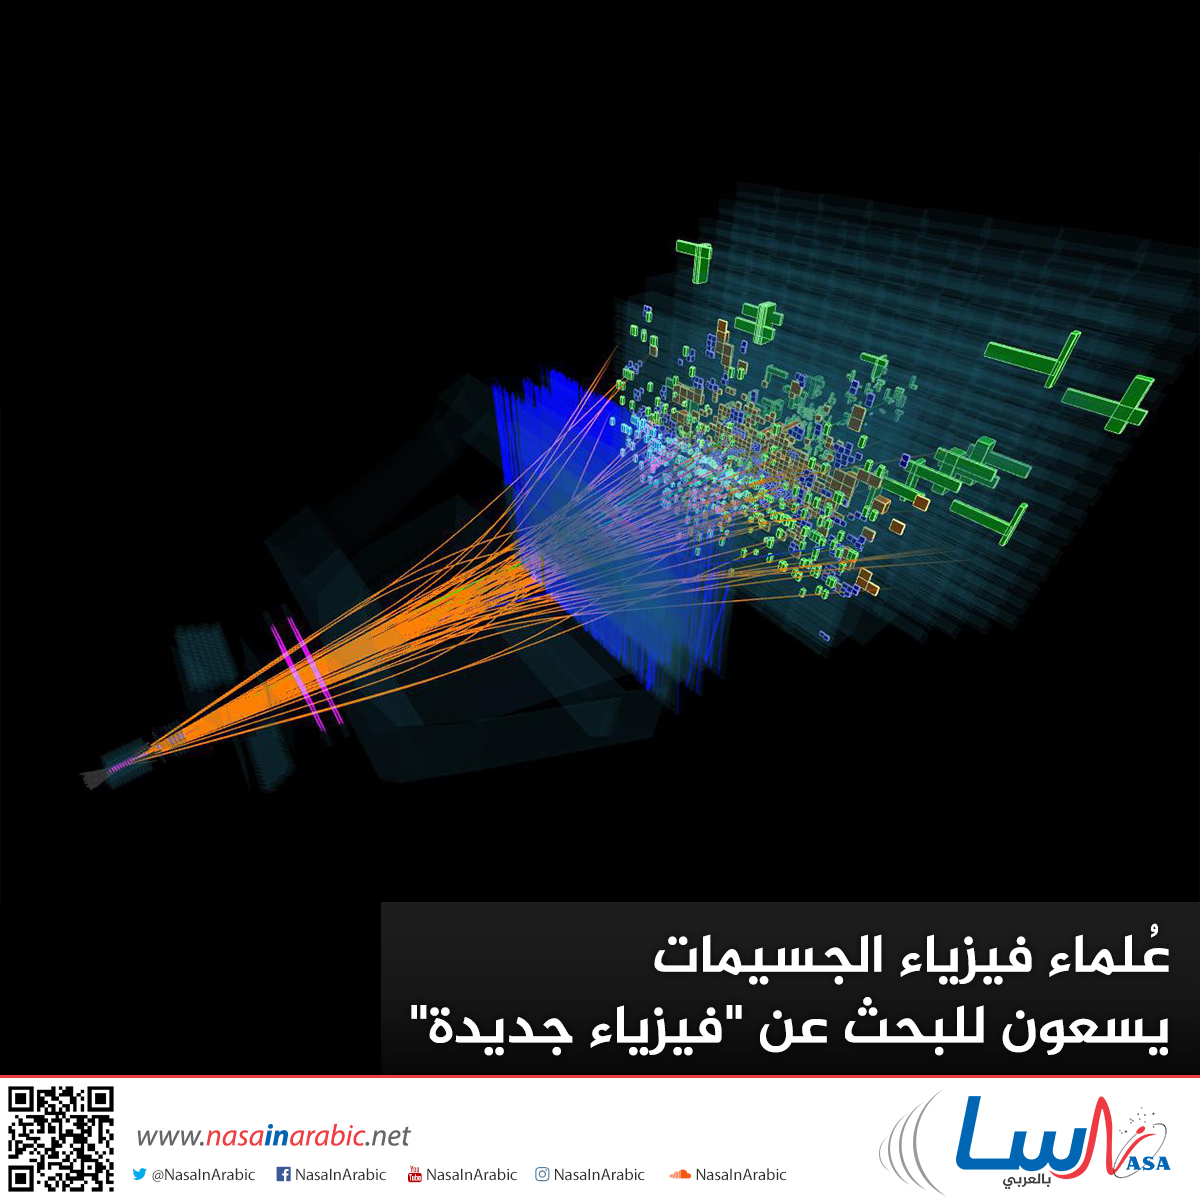 عُلماء فيزياء الجسيمات يسعون للبحث عن